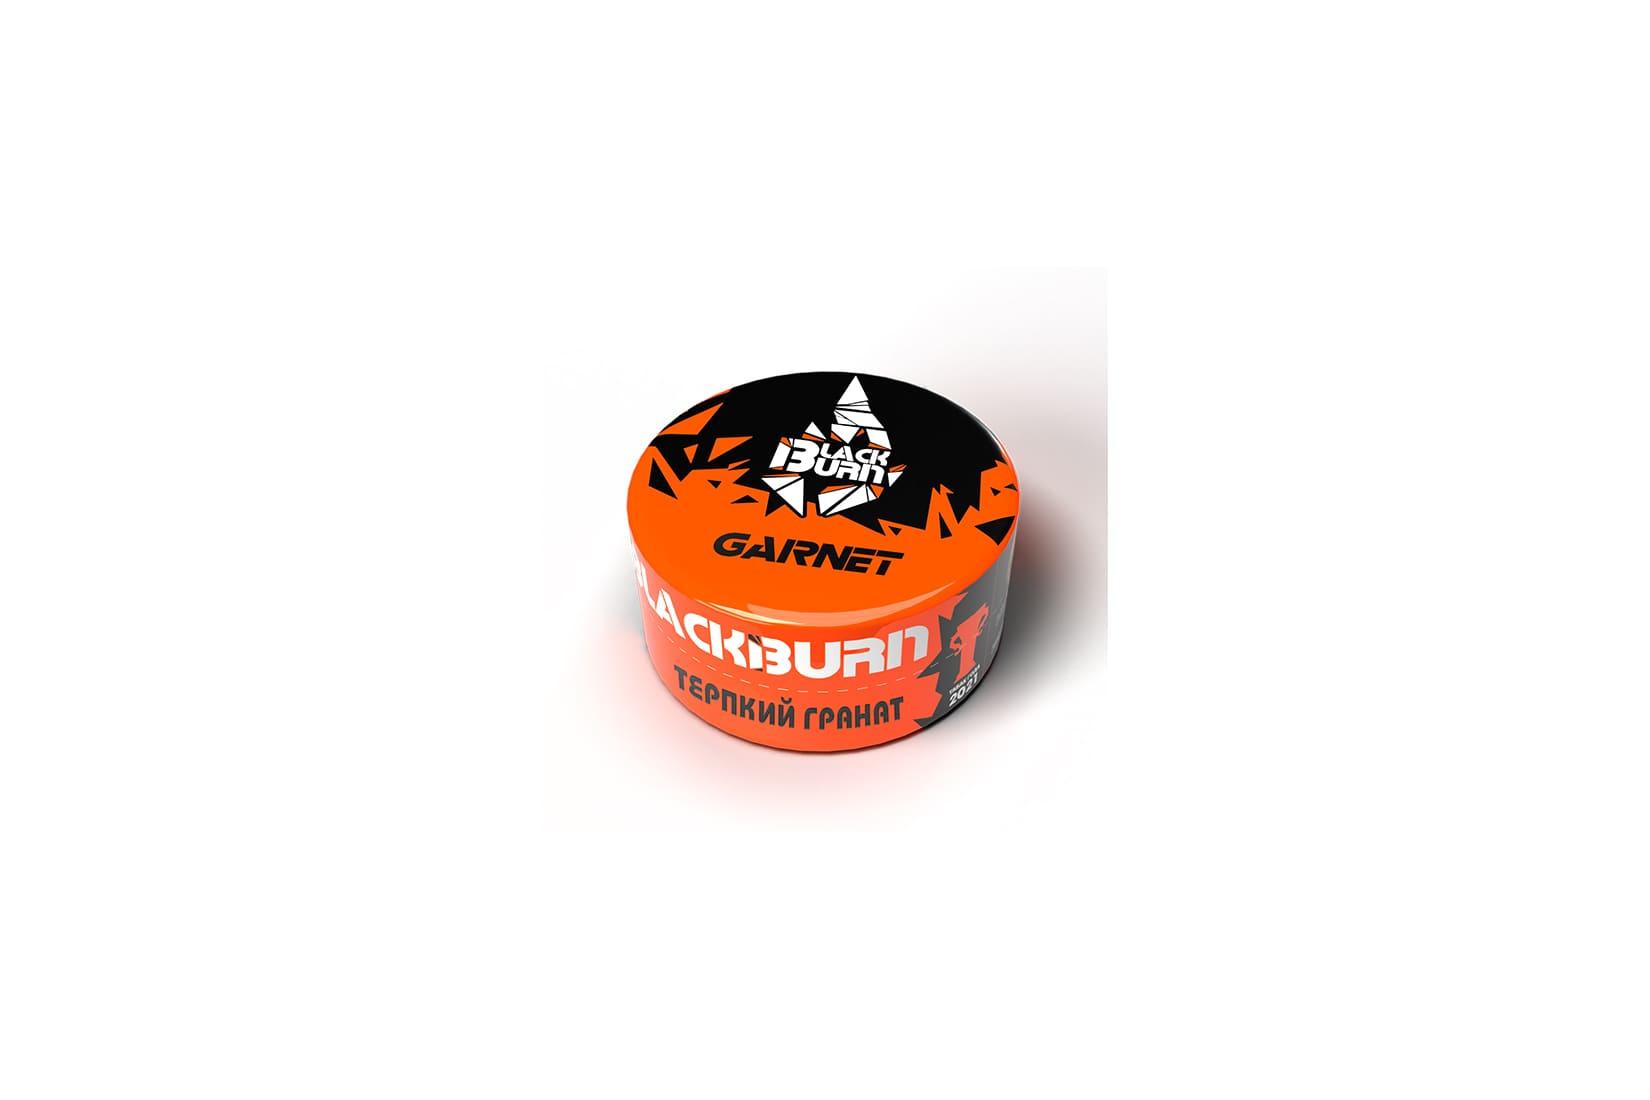 Табак для кальяна Black Burn GARNET  – описание, миксы, отзывы